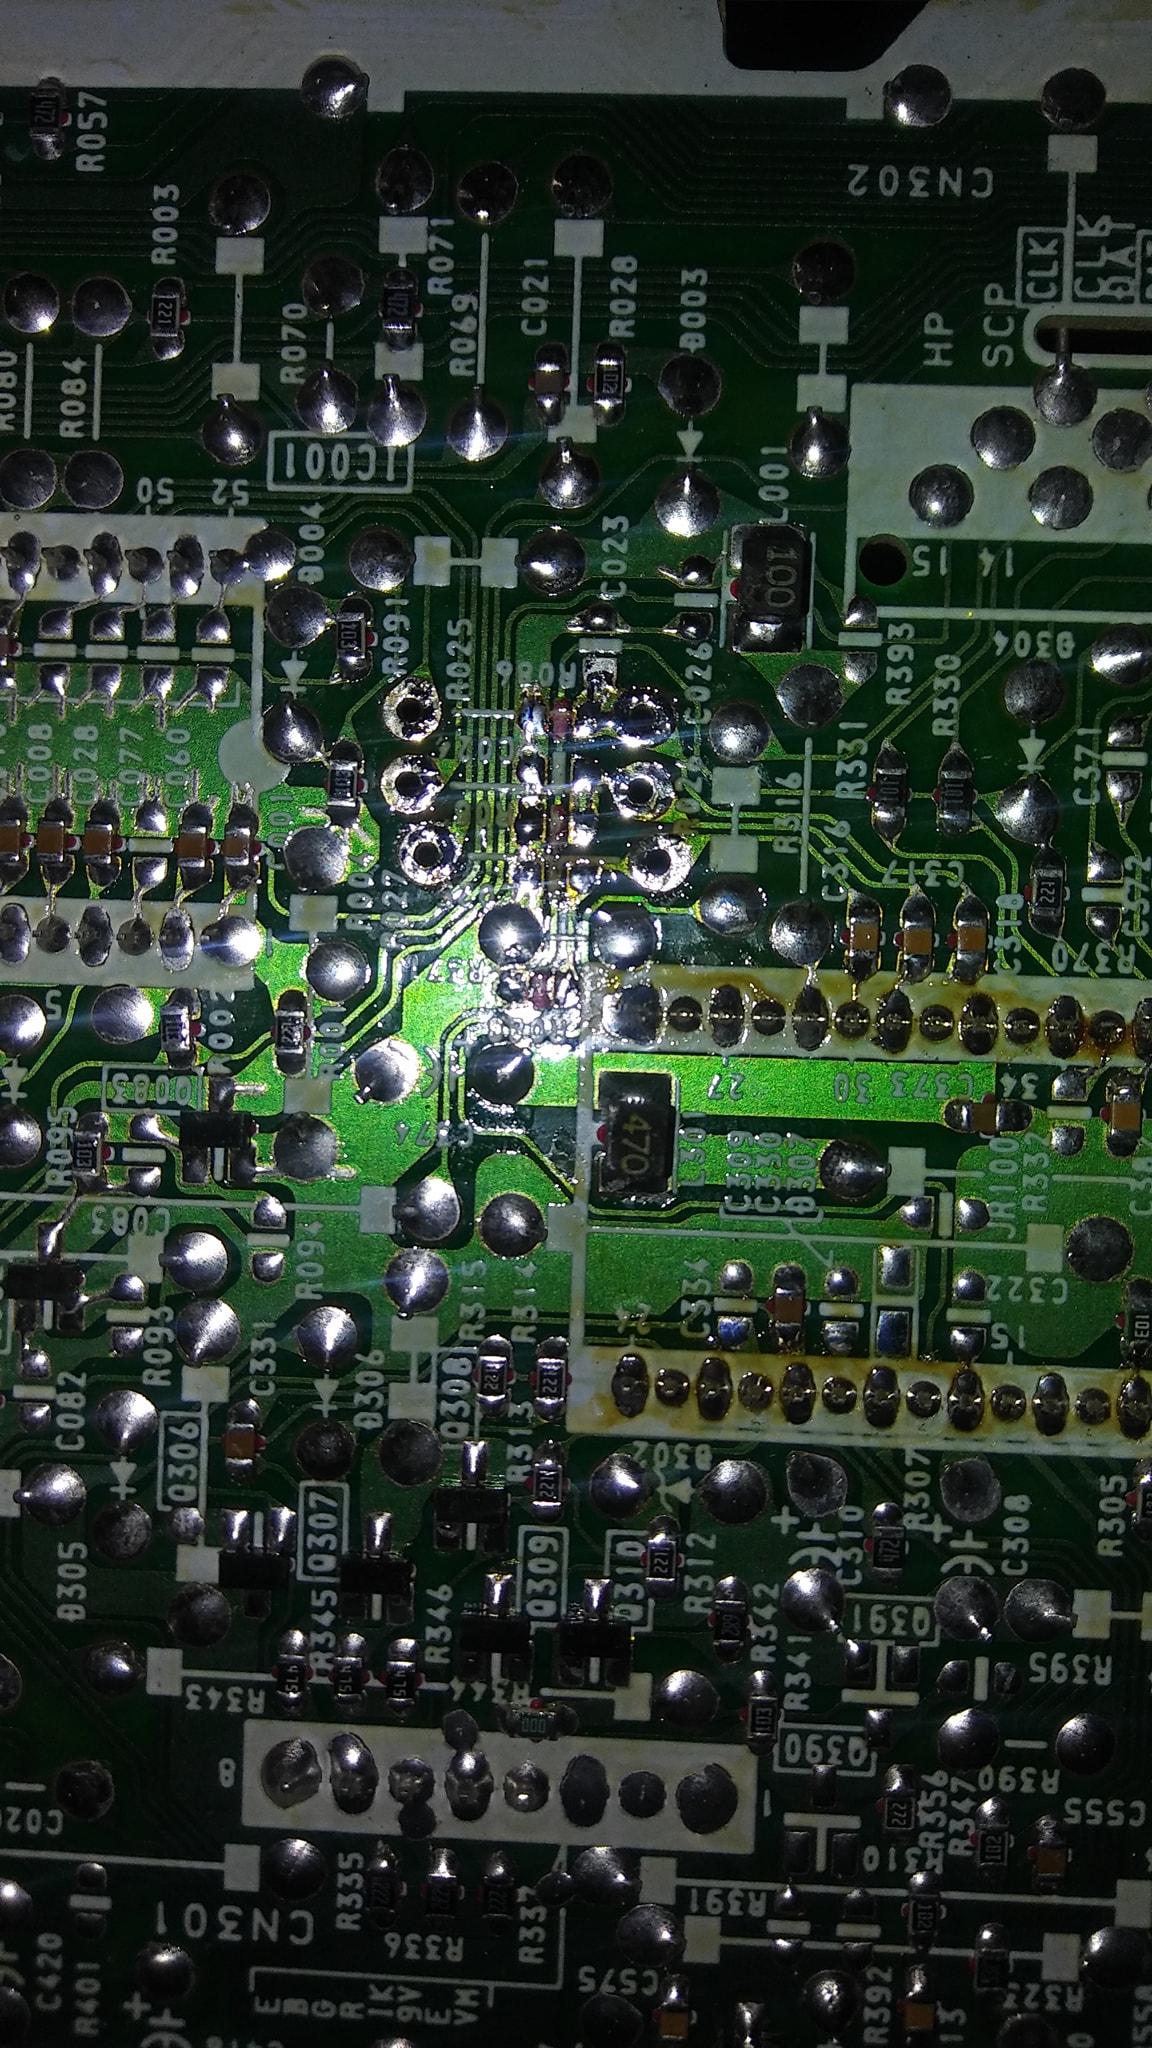 Sony BA 4D Photo 3 - KLOVIMG